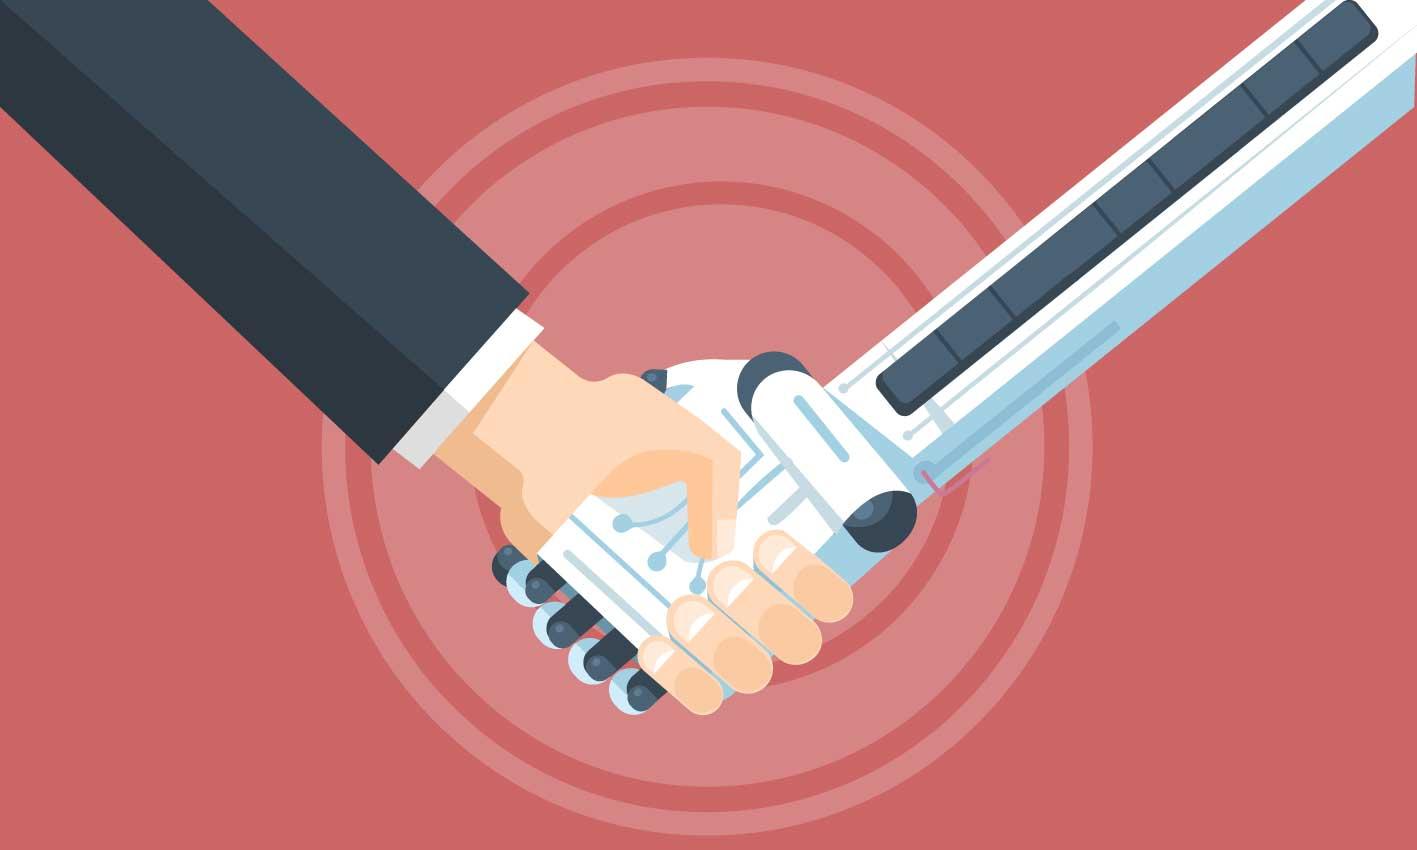 ロボット革命の実現 インダストリー4.0の推進に伴う、次世代の安全